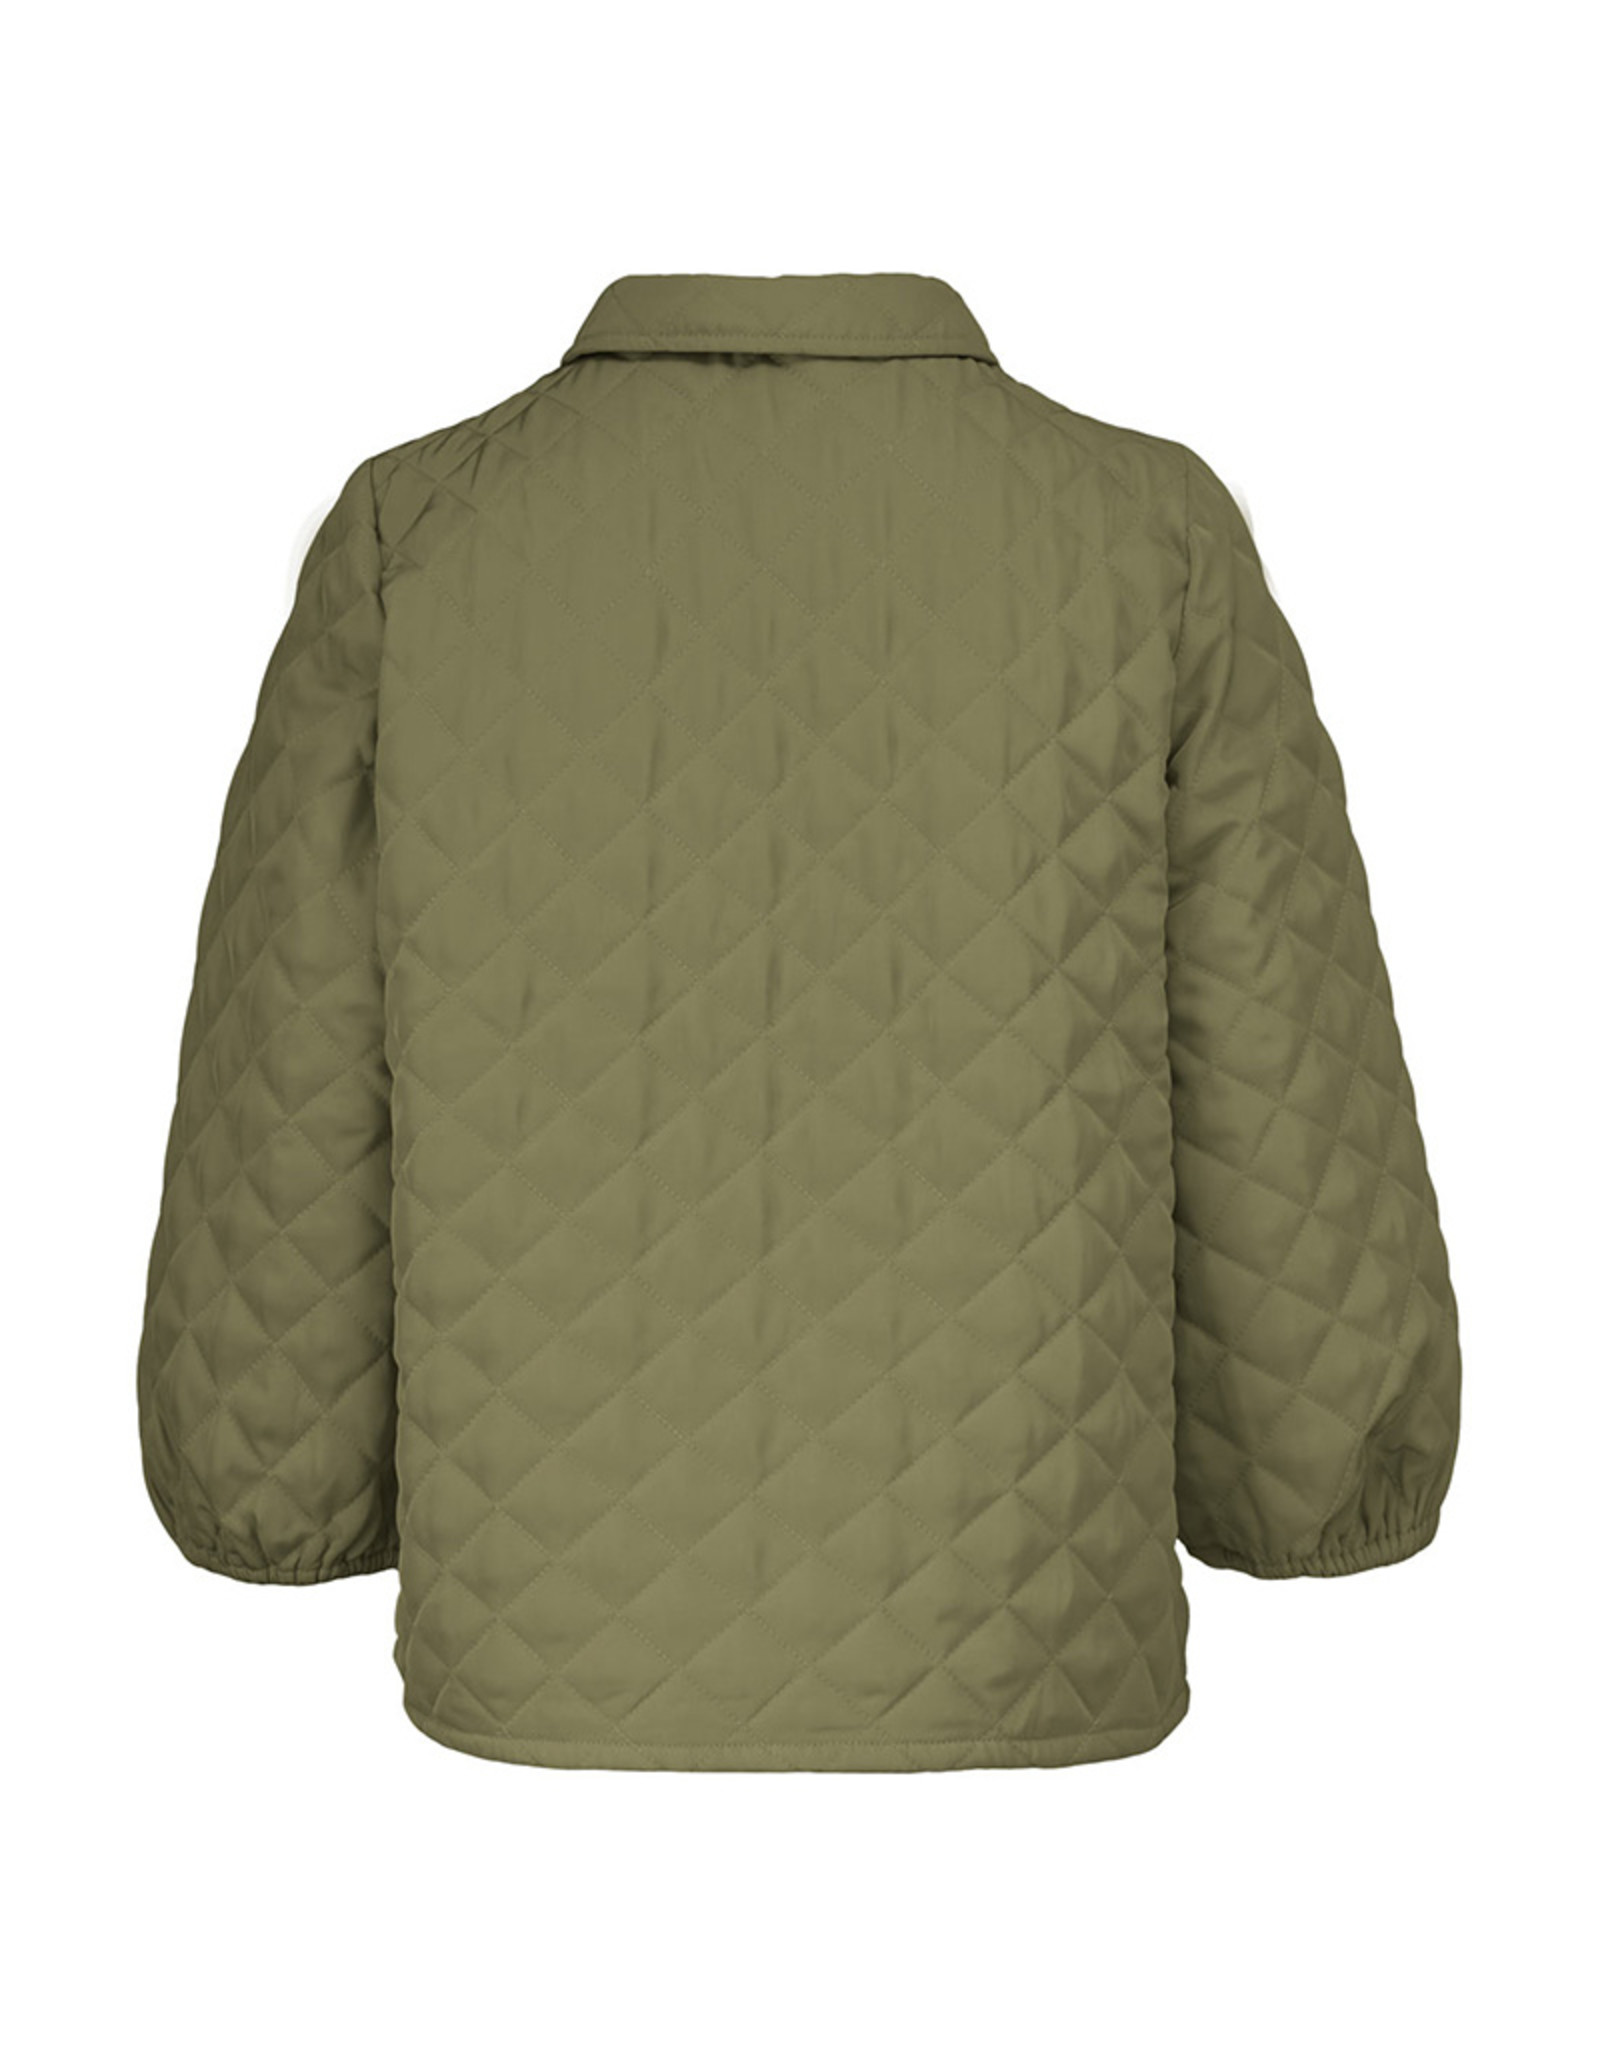 Modström Island Jacket